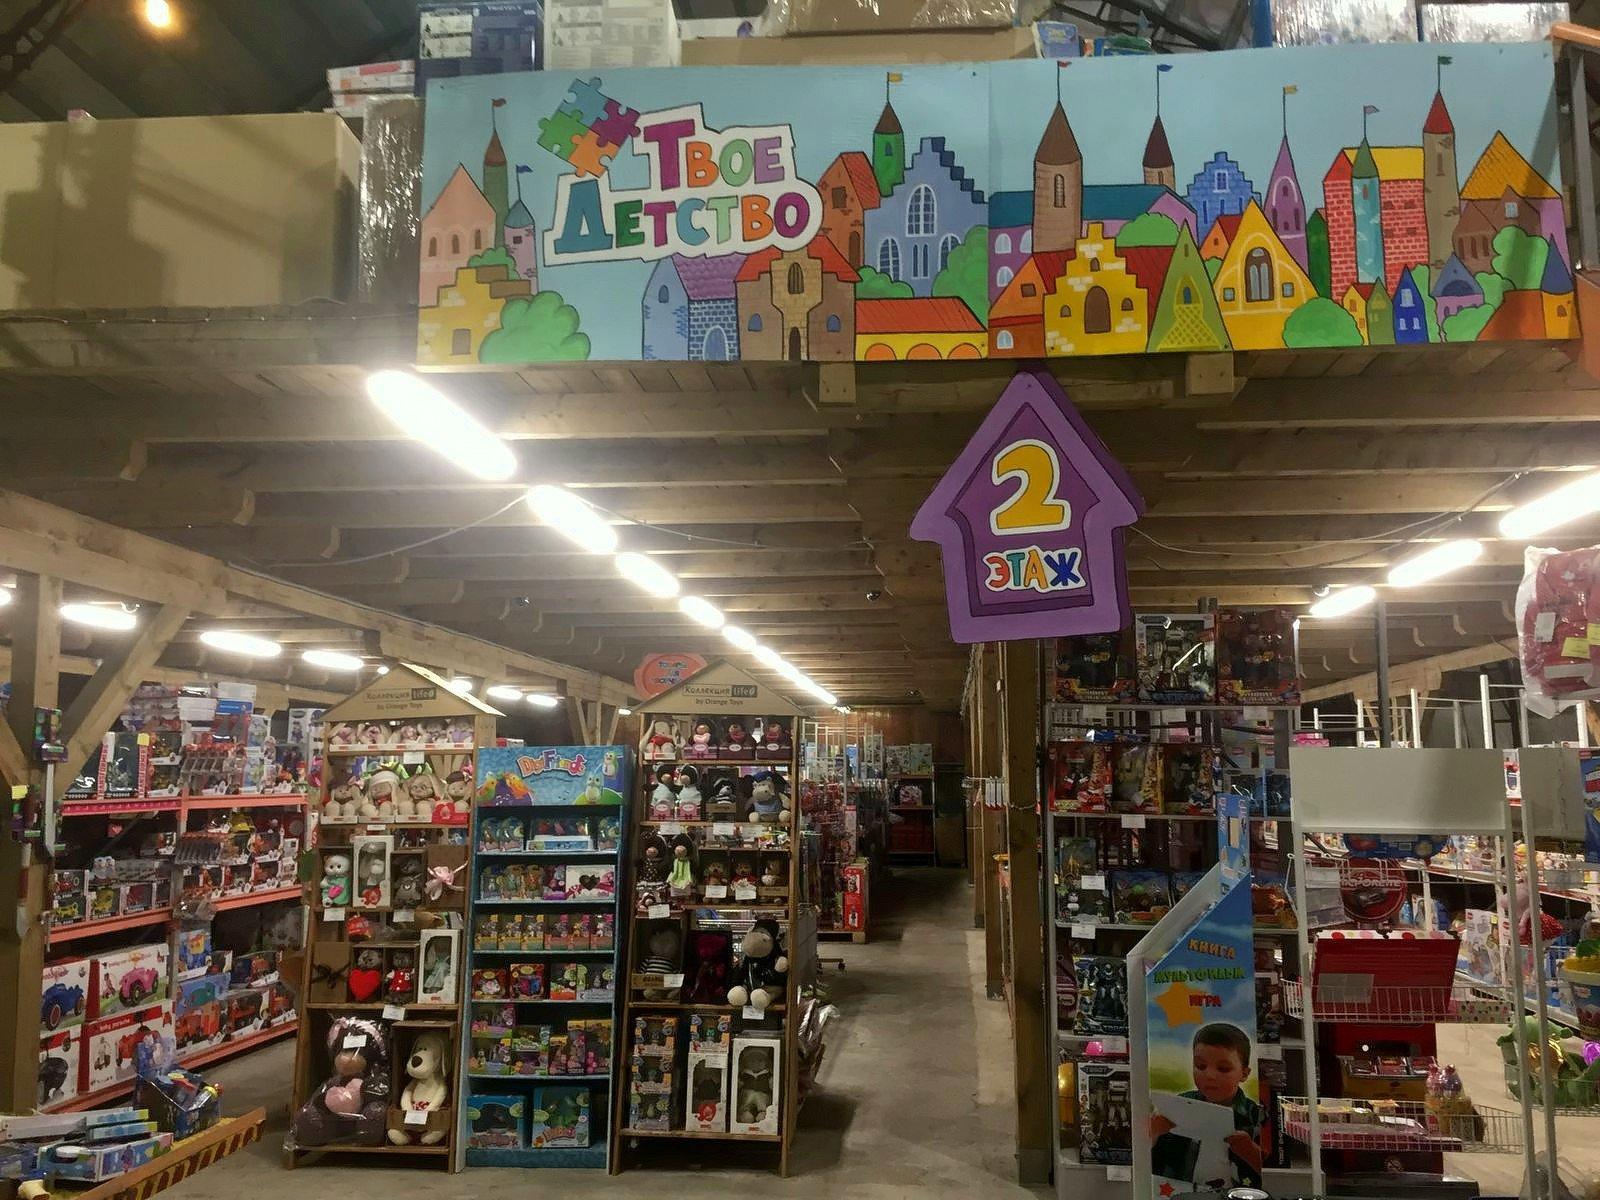 фотография Интернет-магазина детских игрушек Твое Детство